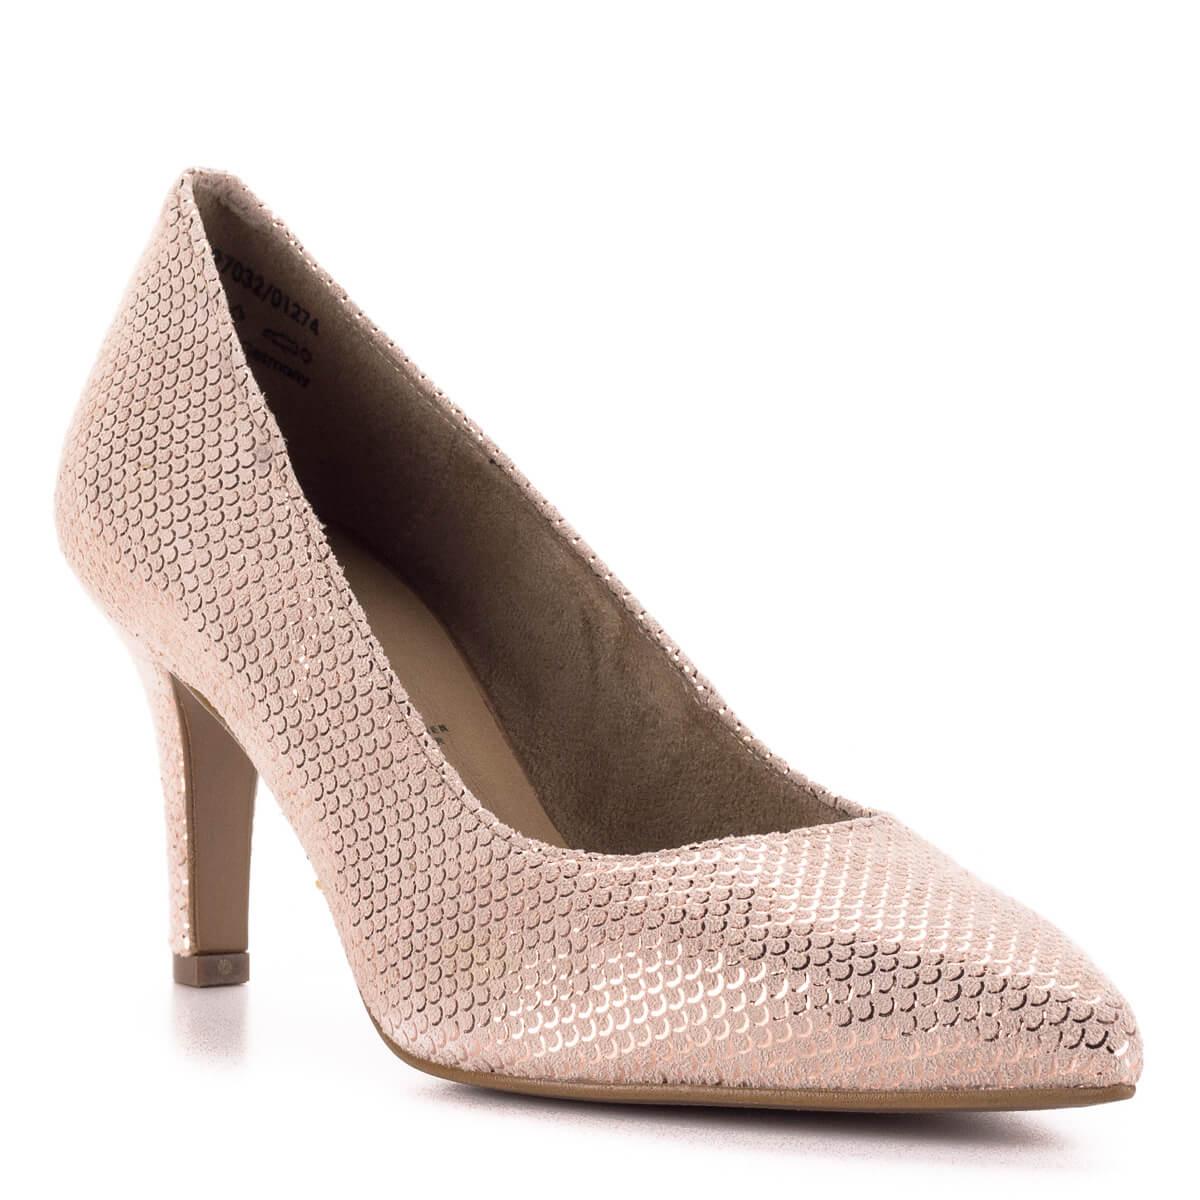 ... Tamaris rózsaszín alkalmi cipő strukturált bőrből. A cipő felületét  apró sorminta díszíti 0815e6e82c